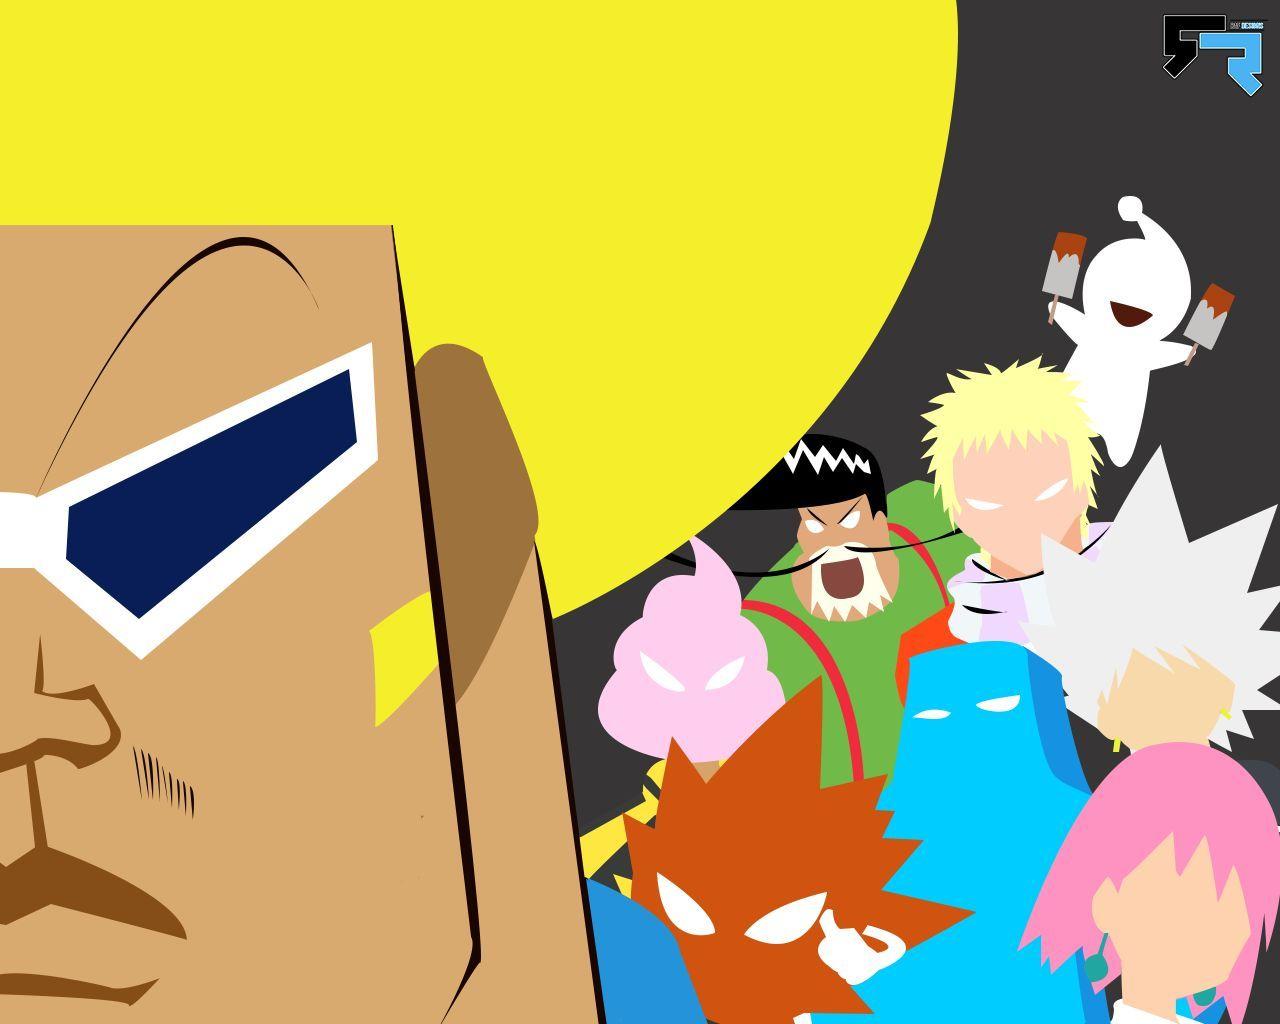 7057 - Personajes de Bobobo. ¿Podrás reconocerlos a todos?